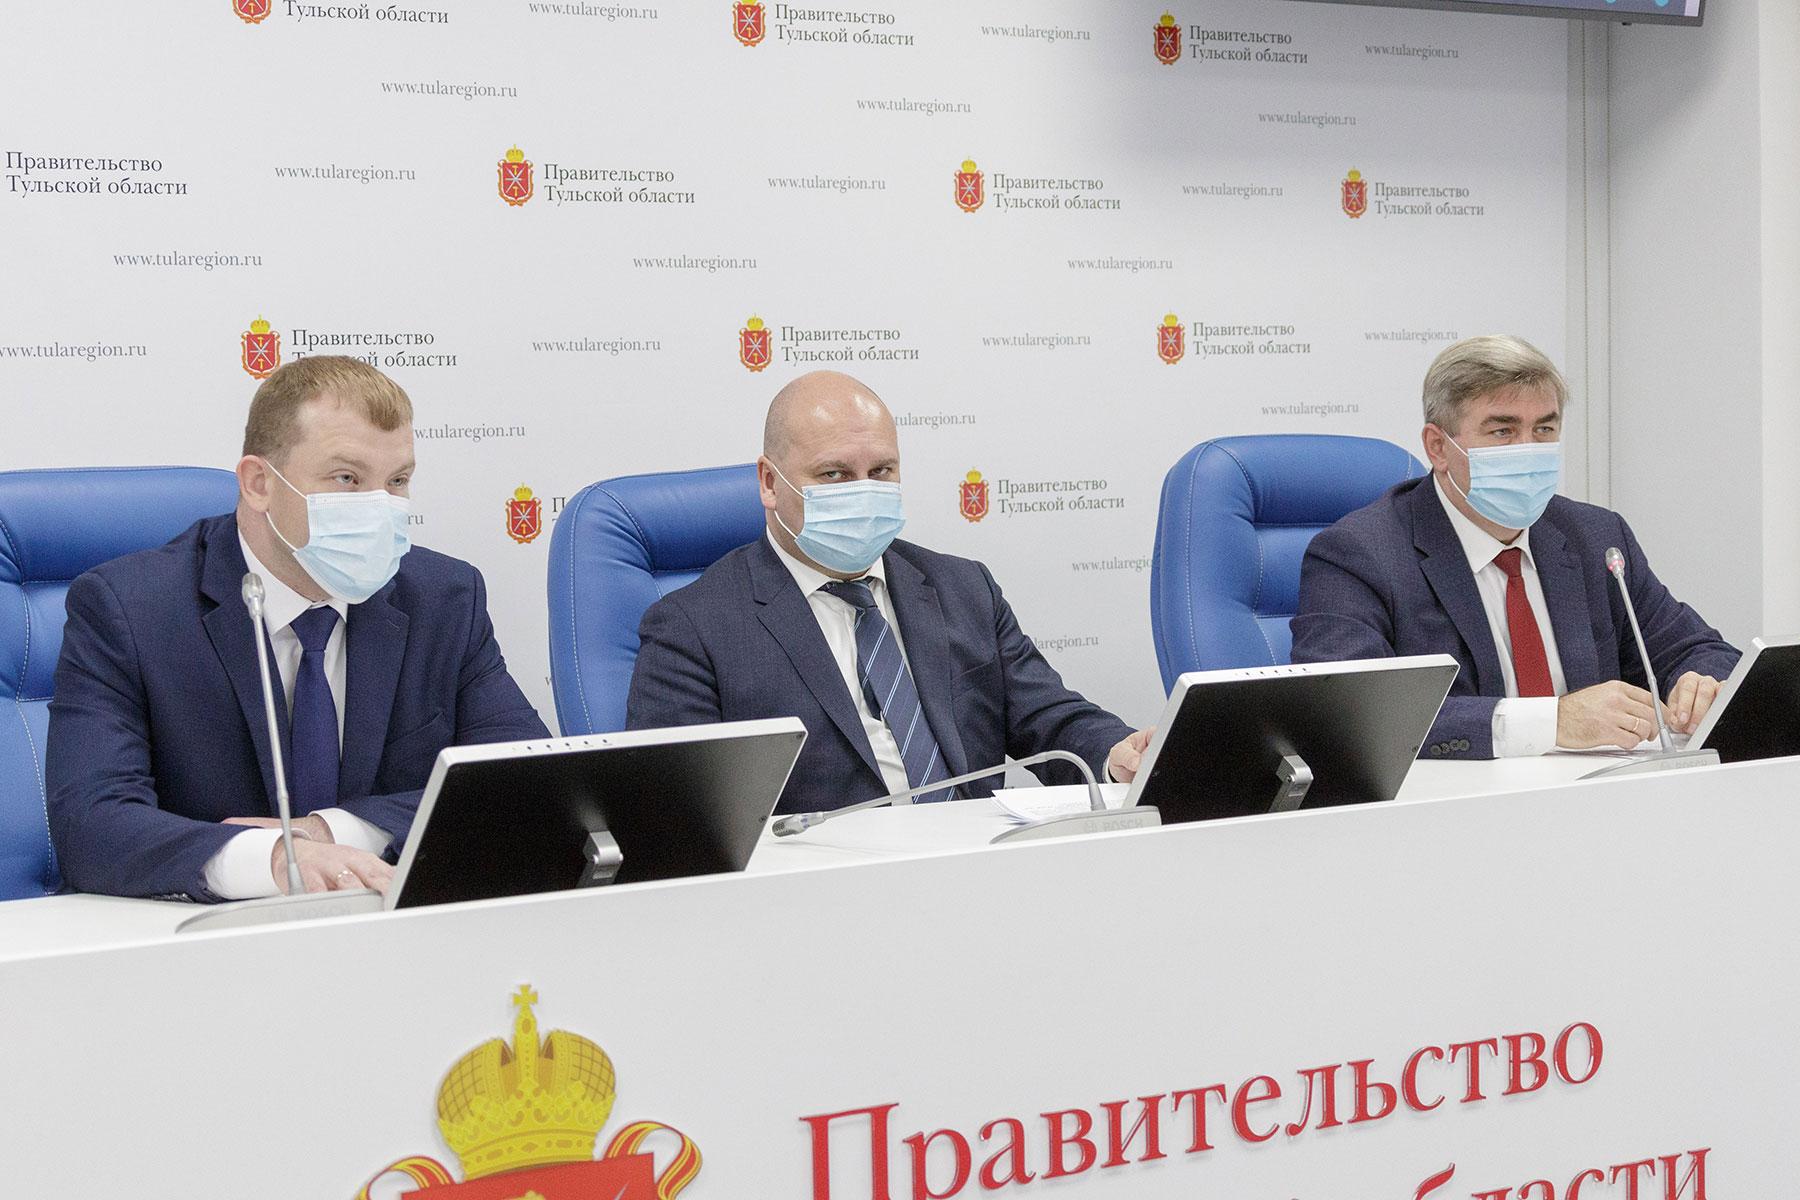 Разъяснен порядок оказания медицинской помощи при заболевании коронавирусом